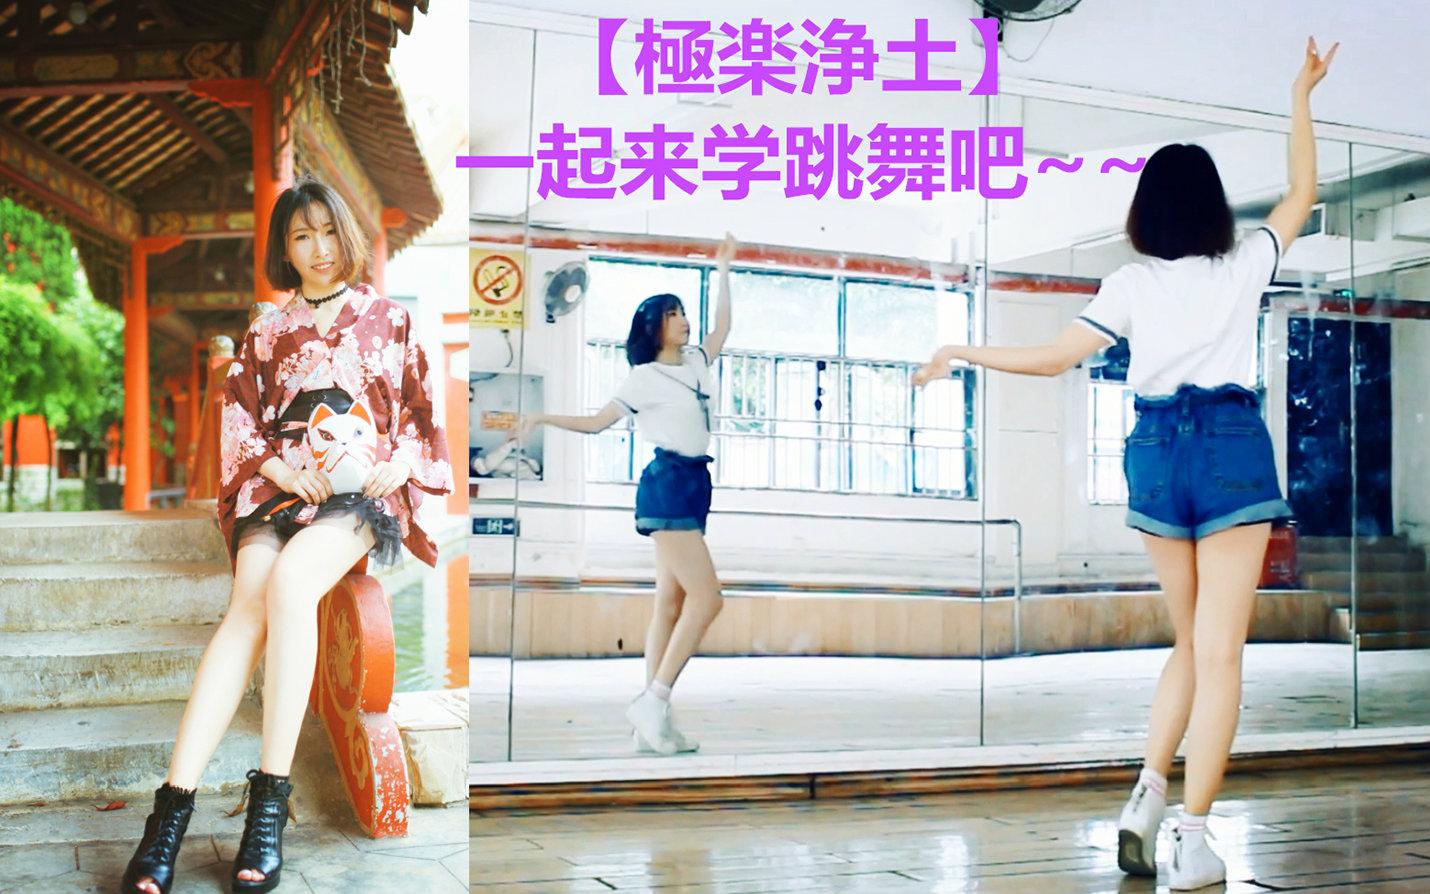 【紫嘉儿】極楽浄土-舞蹈分解教学 (极乐净土)